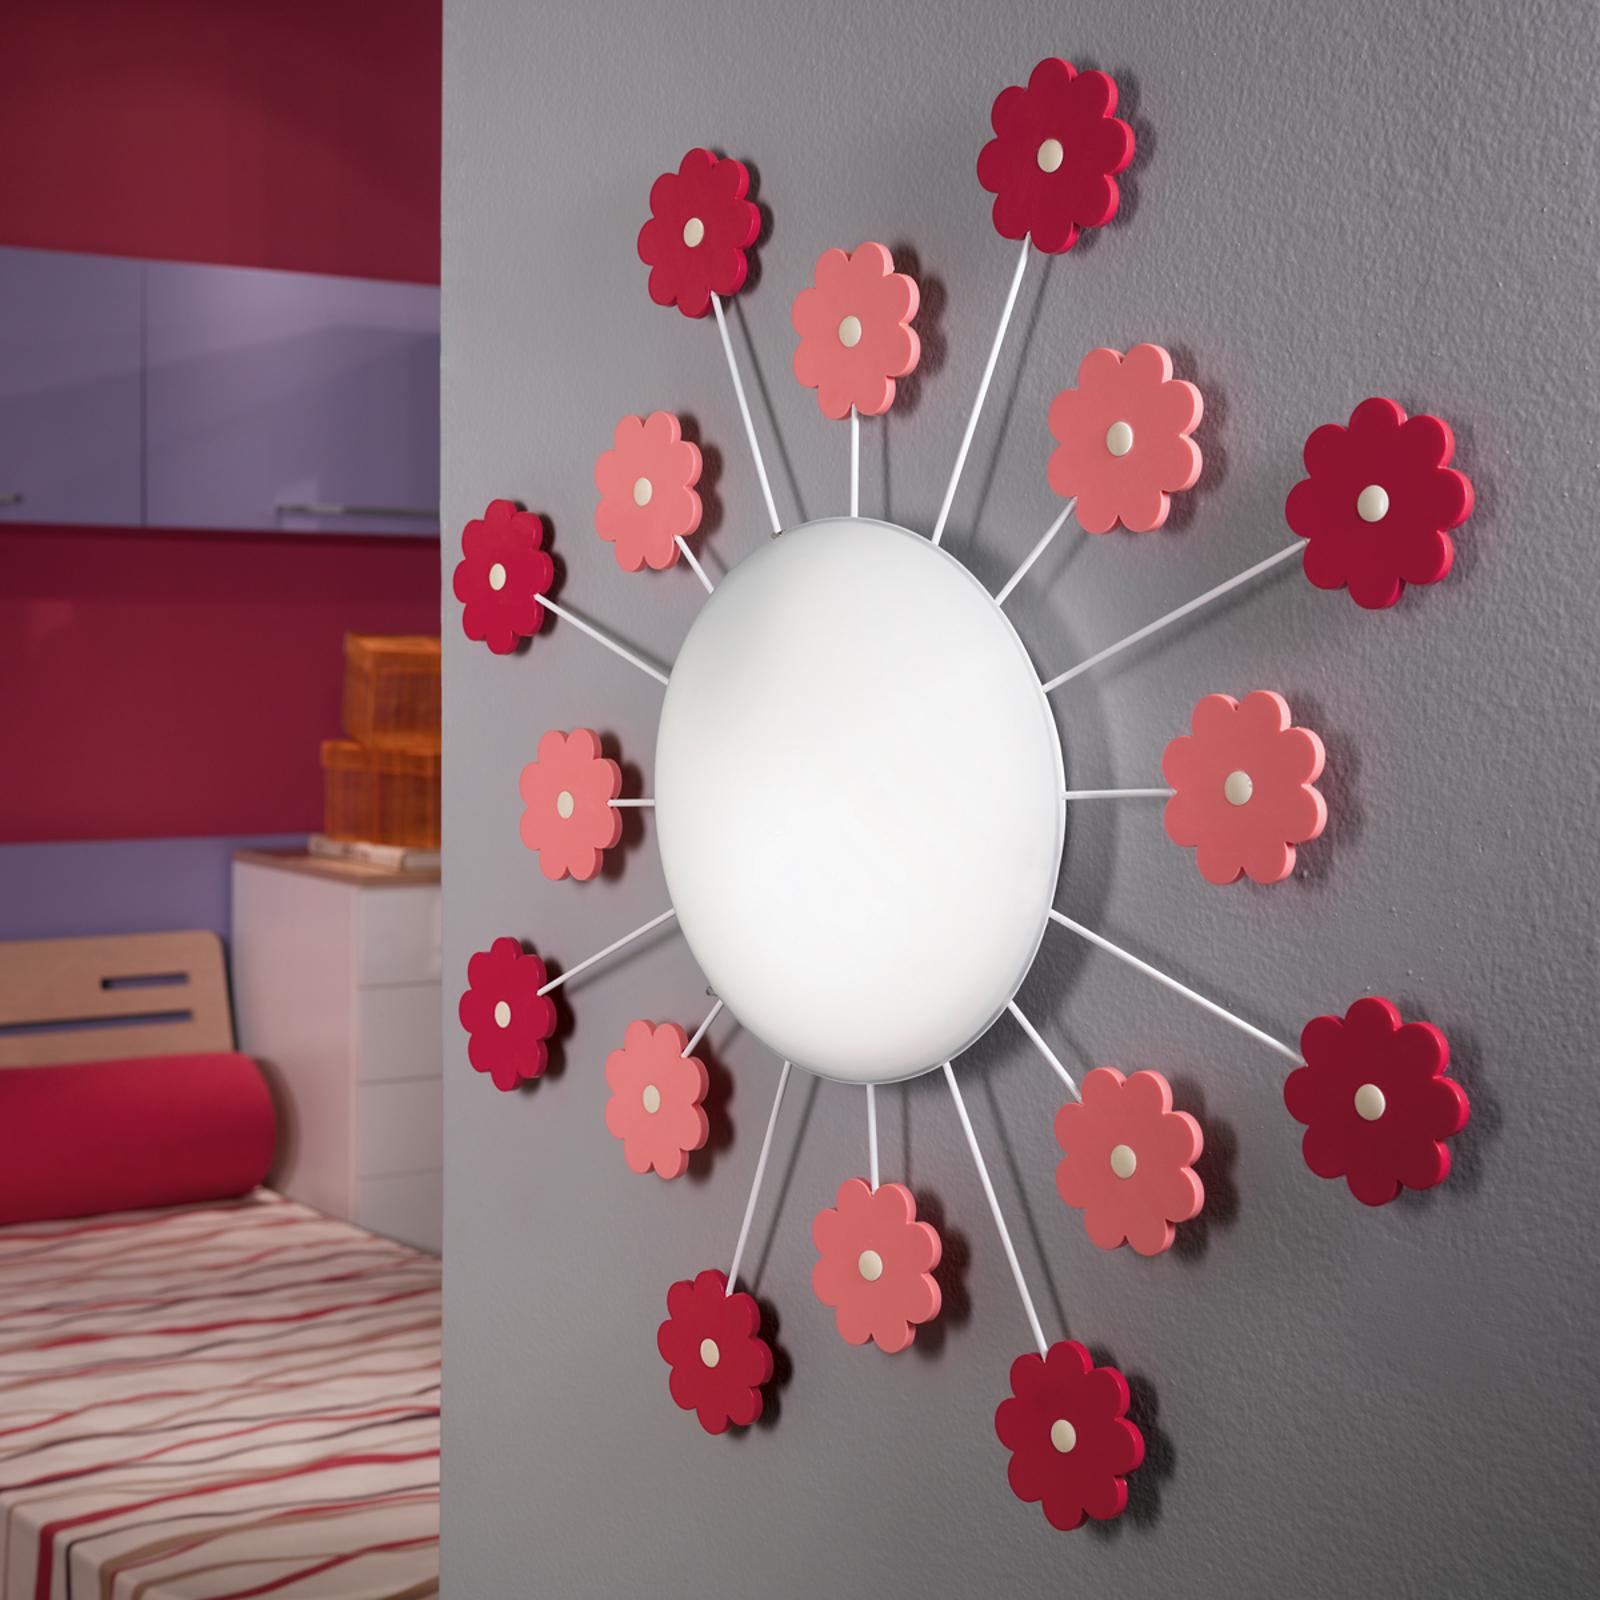 Viki 2 wall light, flower_3031475_1